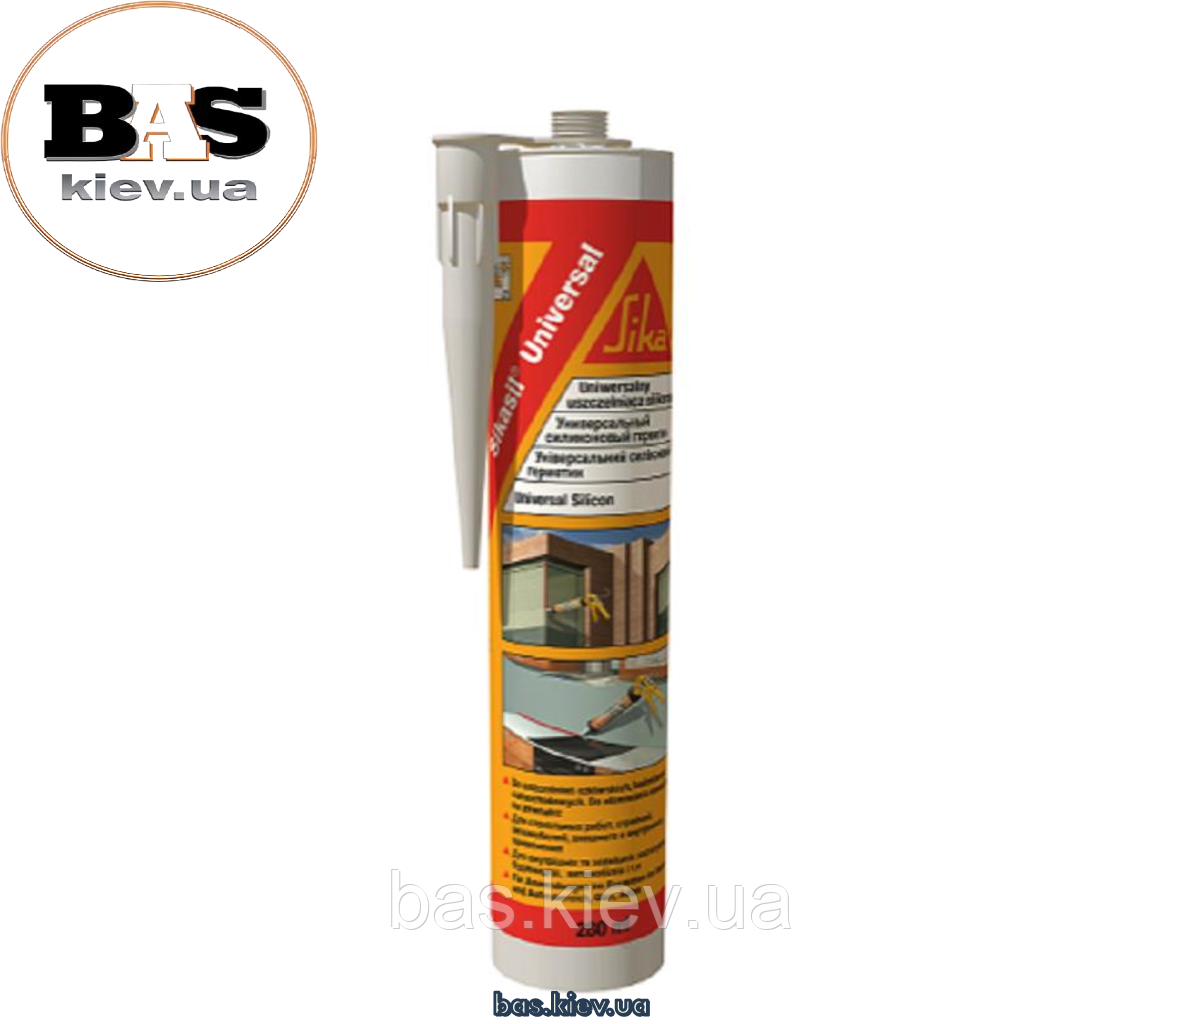 SIKASIL®-UNIVERSAL Герметик силиконовый Sika универсальный (белый) , 280мл